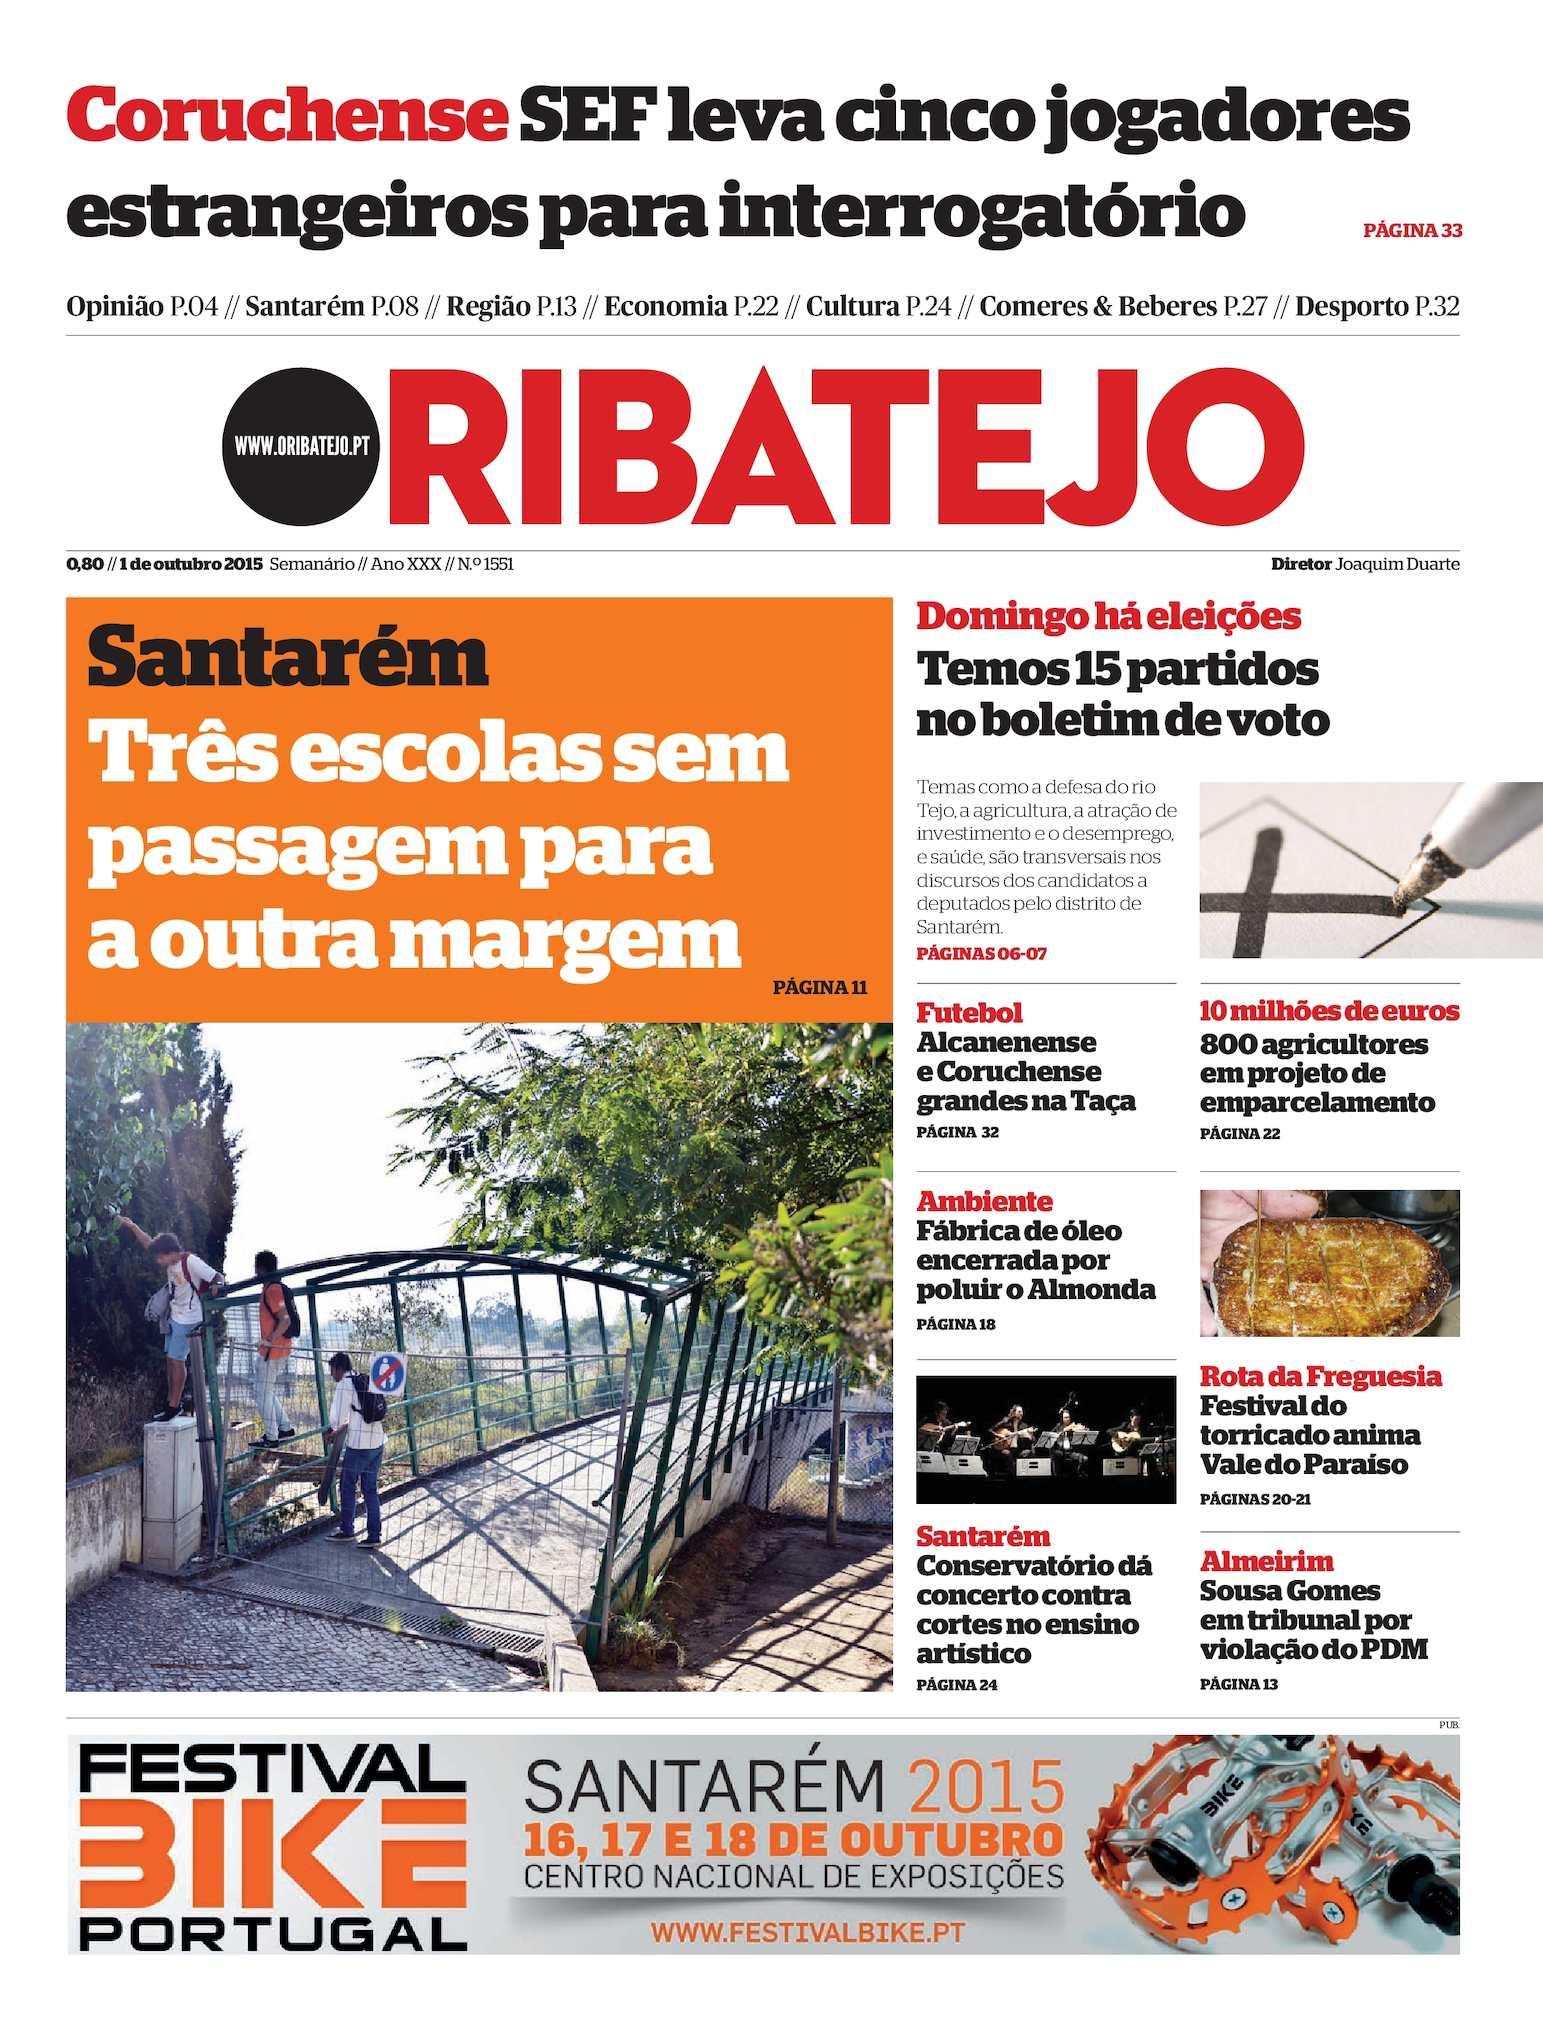 7bbaec7d710b2 Calaméo - Edição 1551 do Jornal O Ribatejo - 1 de Outubro de 2015